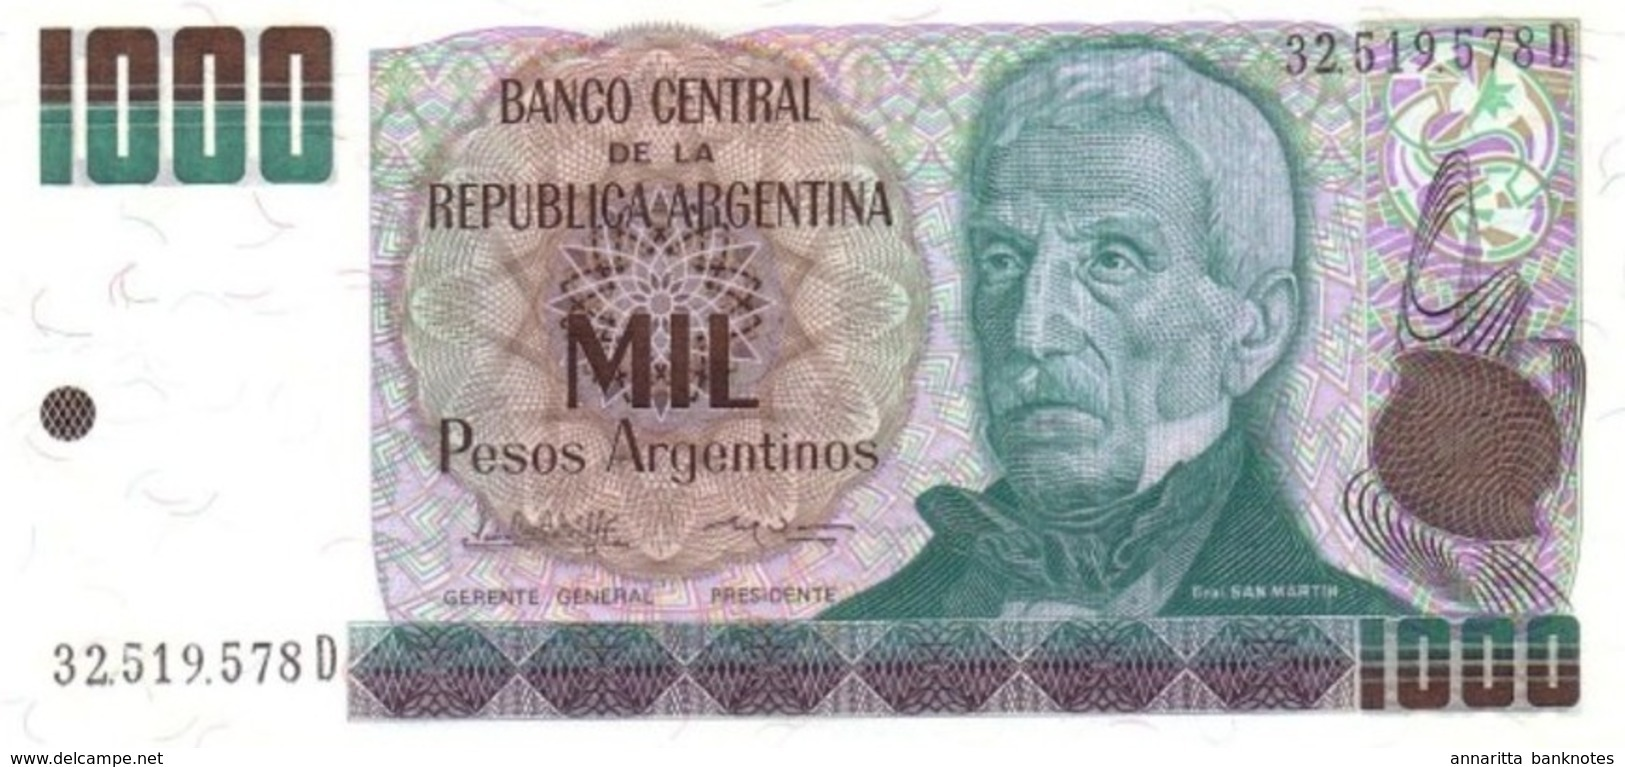 ARGENTINE 1000 PESOS ARGENTINOS 1985 P-317b UNC SIGN. LOPEZ & VAZQUEZ [AR317b] - Argentine